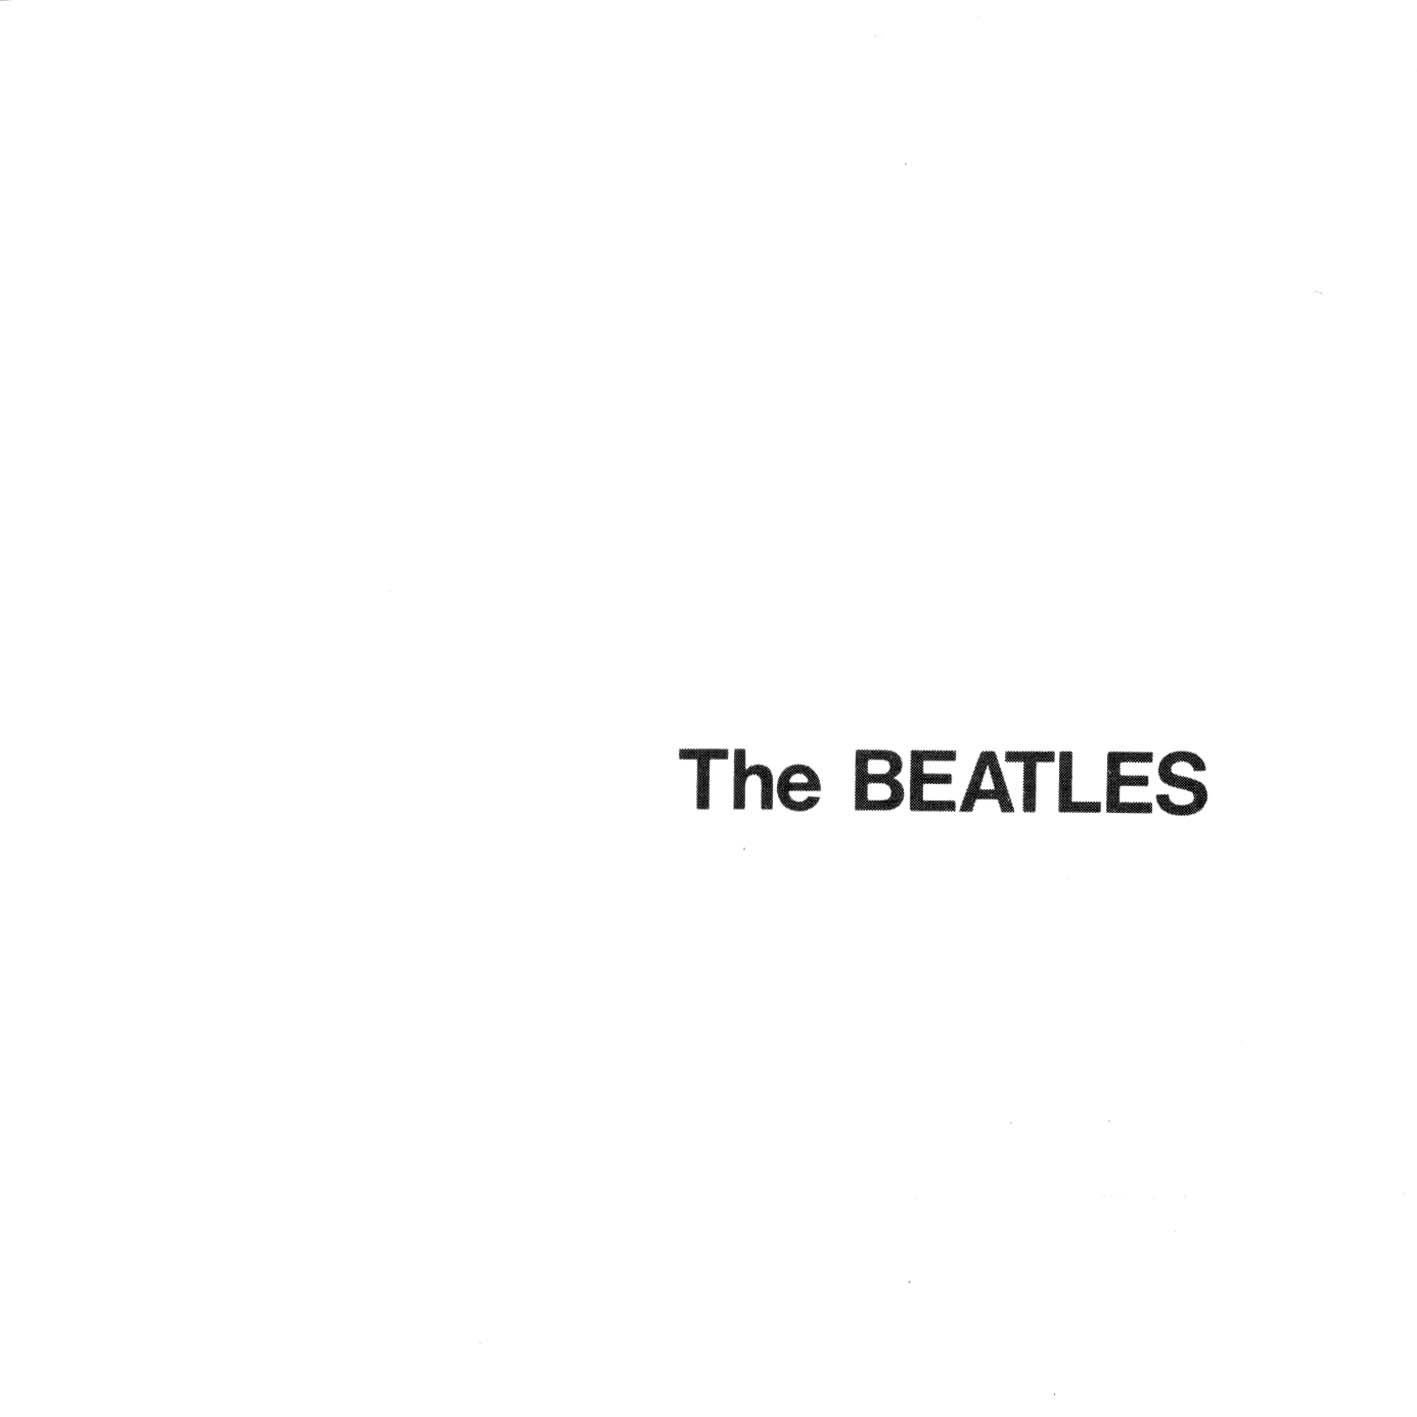 The Beatles White Album Musiczone Vinyl Records Cork